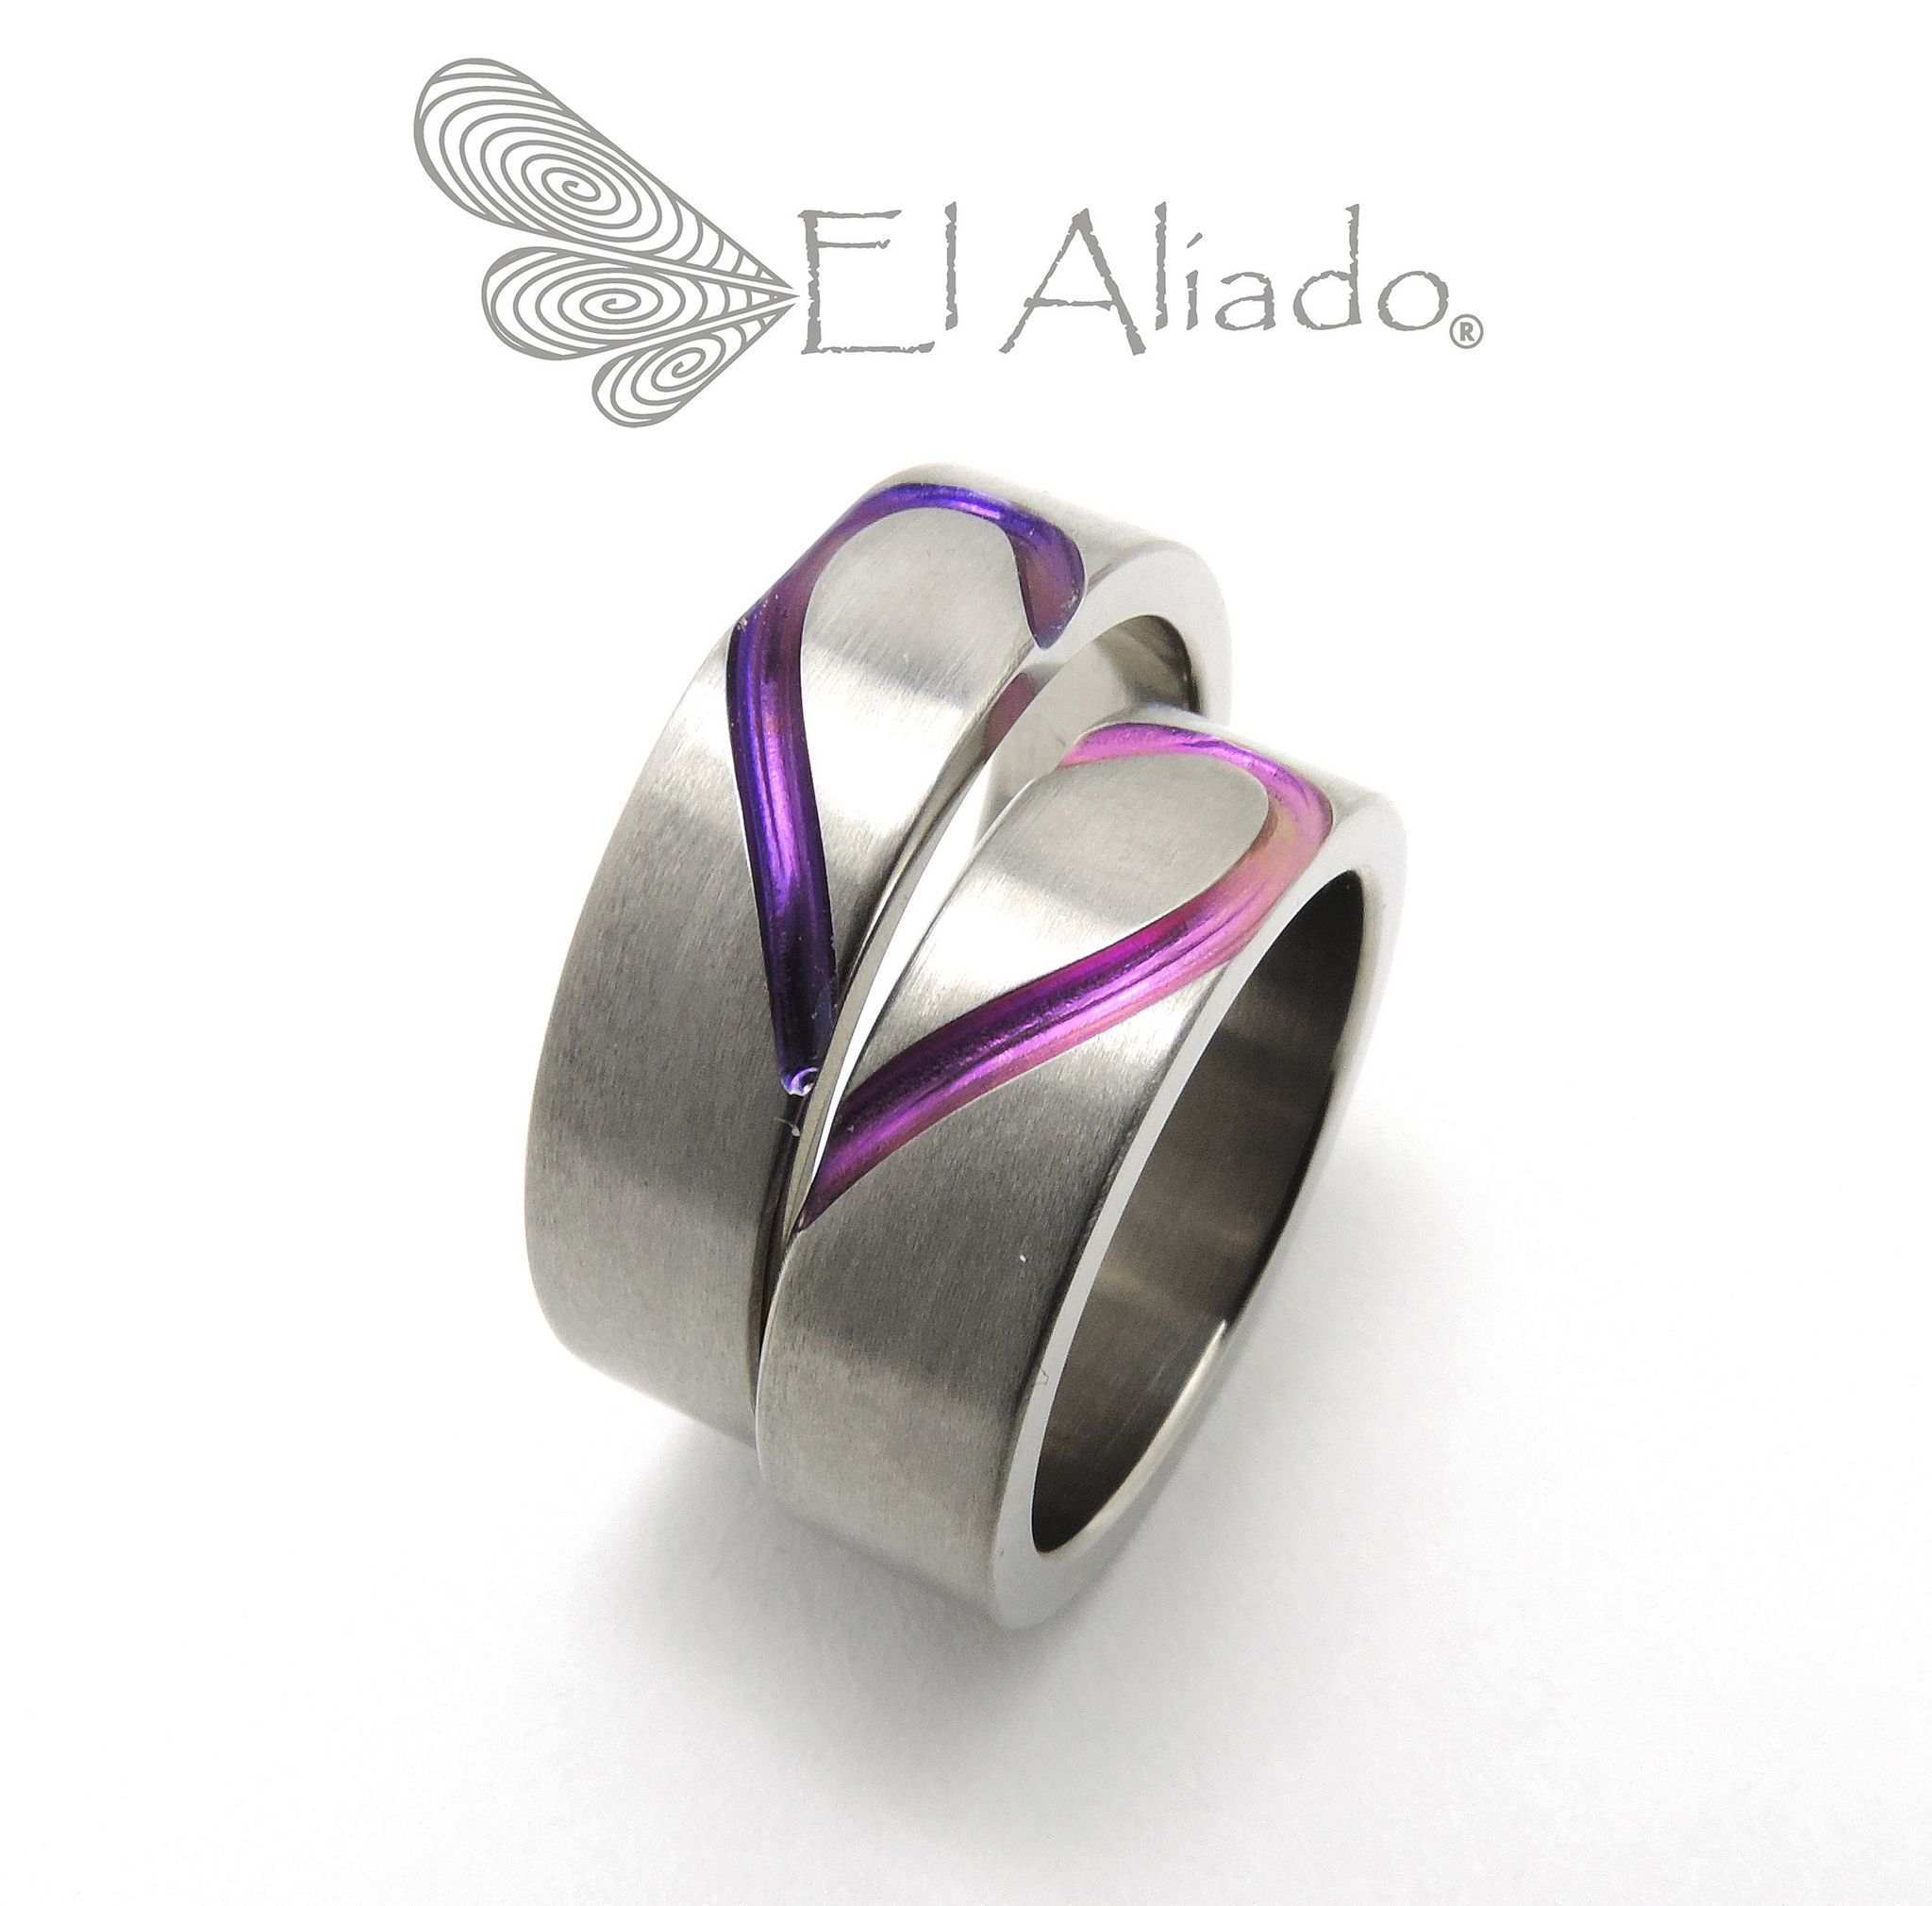 https://flic.kr/p/zaxmKw | 911. Argollas corazón en titanio con canal violeta y fucsia | www.elaliadojoyas.com info@elaliadojoyas.com Cel. 3203066543 - 3105753129 - 3002859190 Bogotá - Colombia